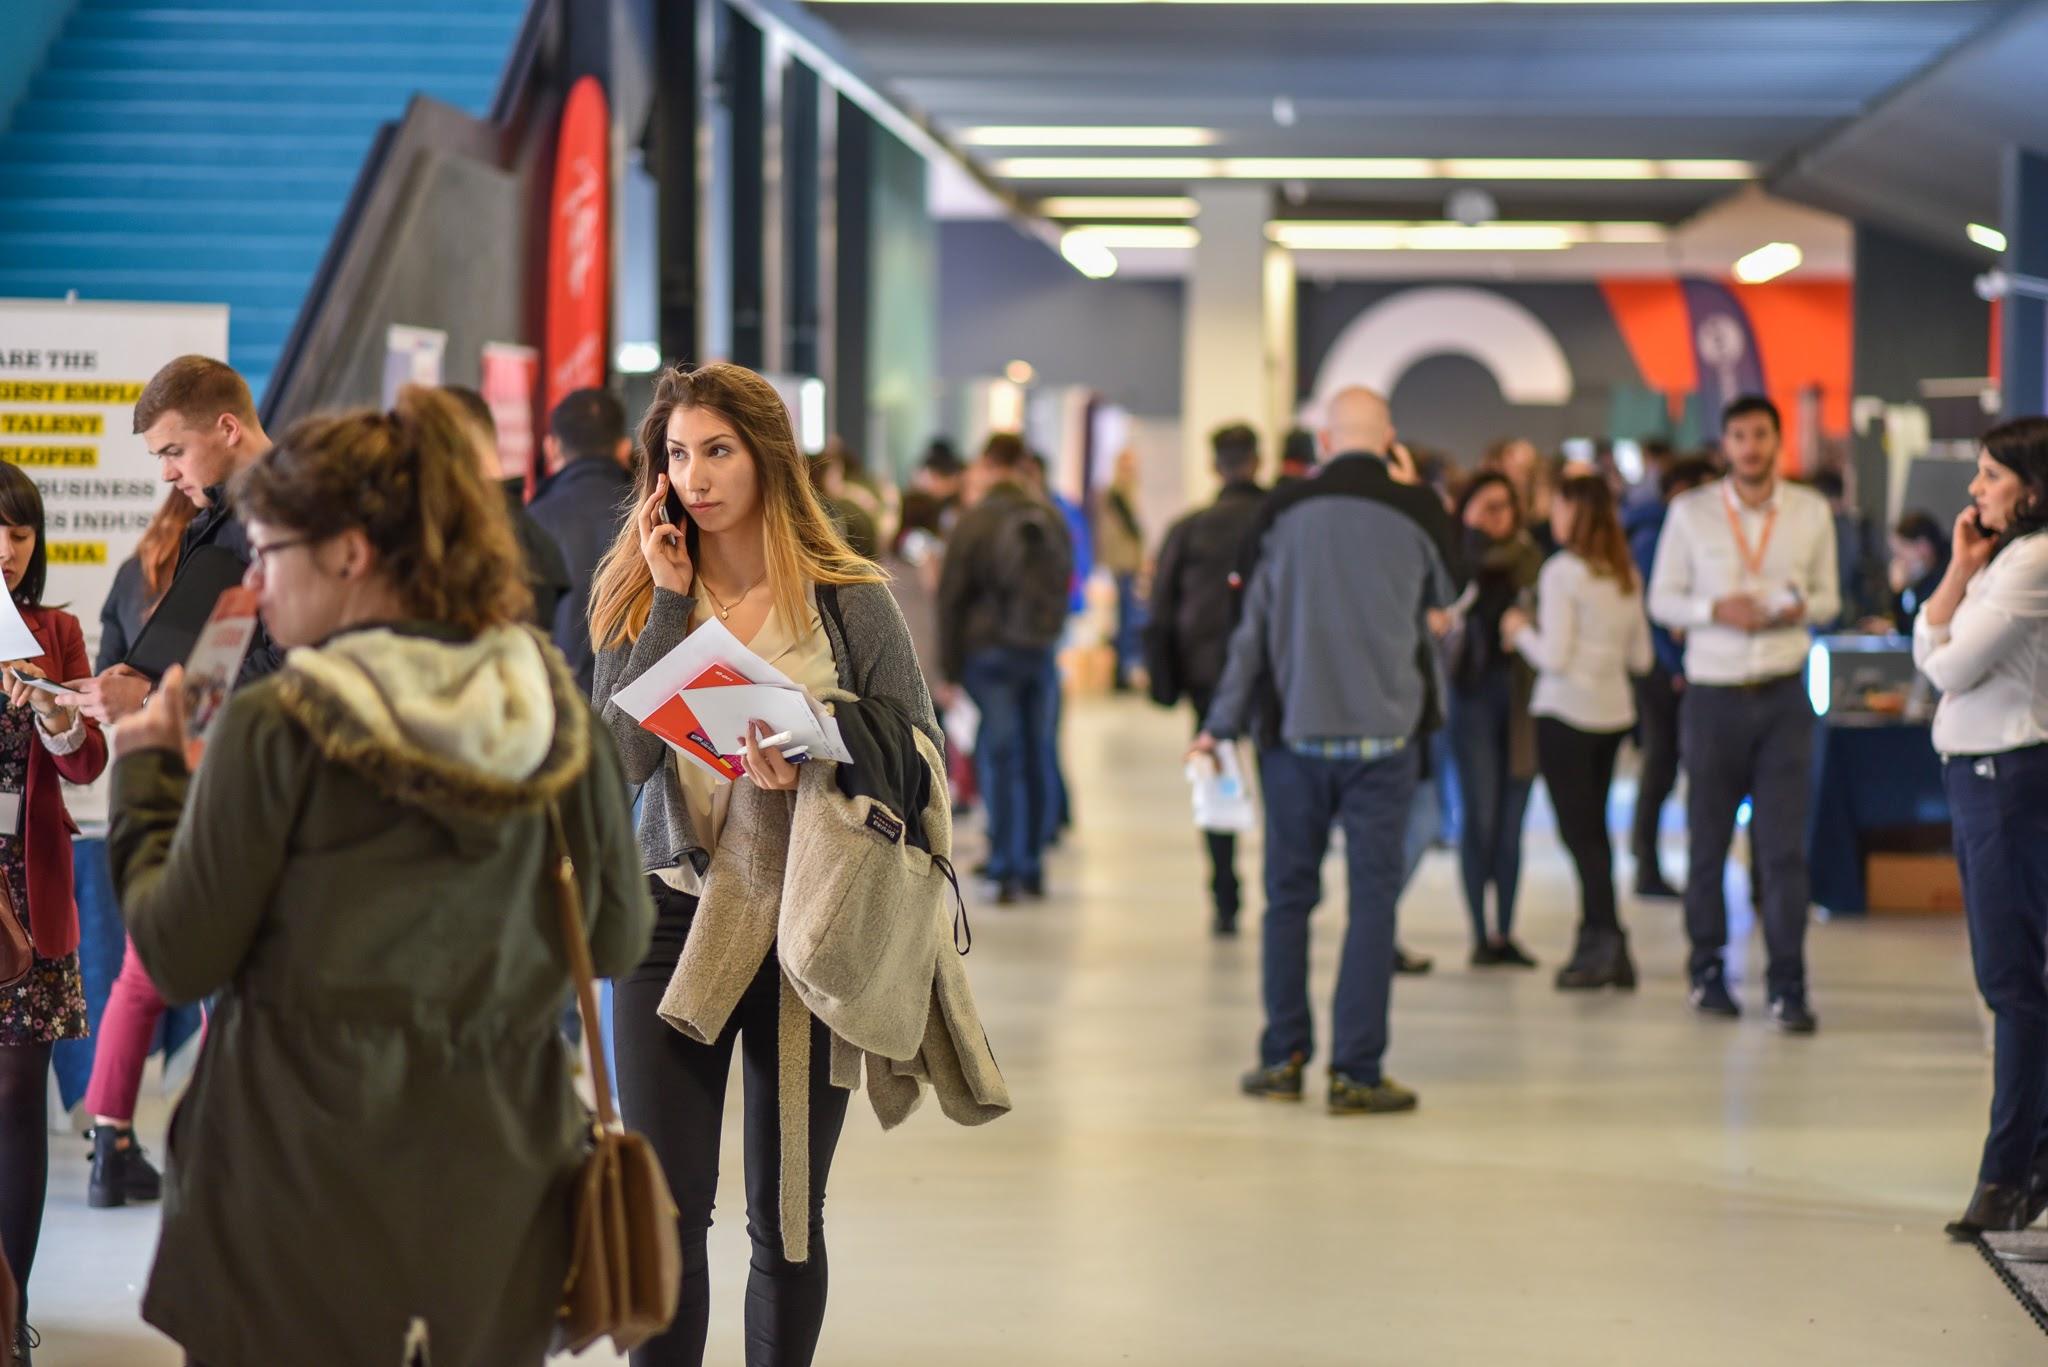 Începe sezonul carierei: Târgurile de Cariere Cluj Global și Cluj IT aduc peste o sută de companii angajatoare la un loc